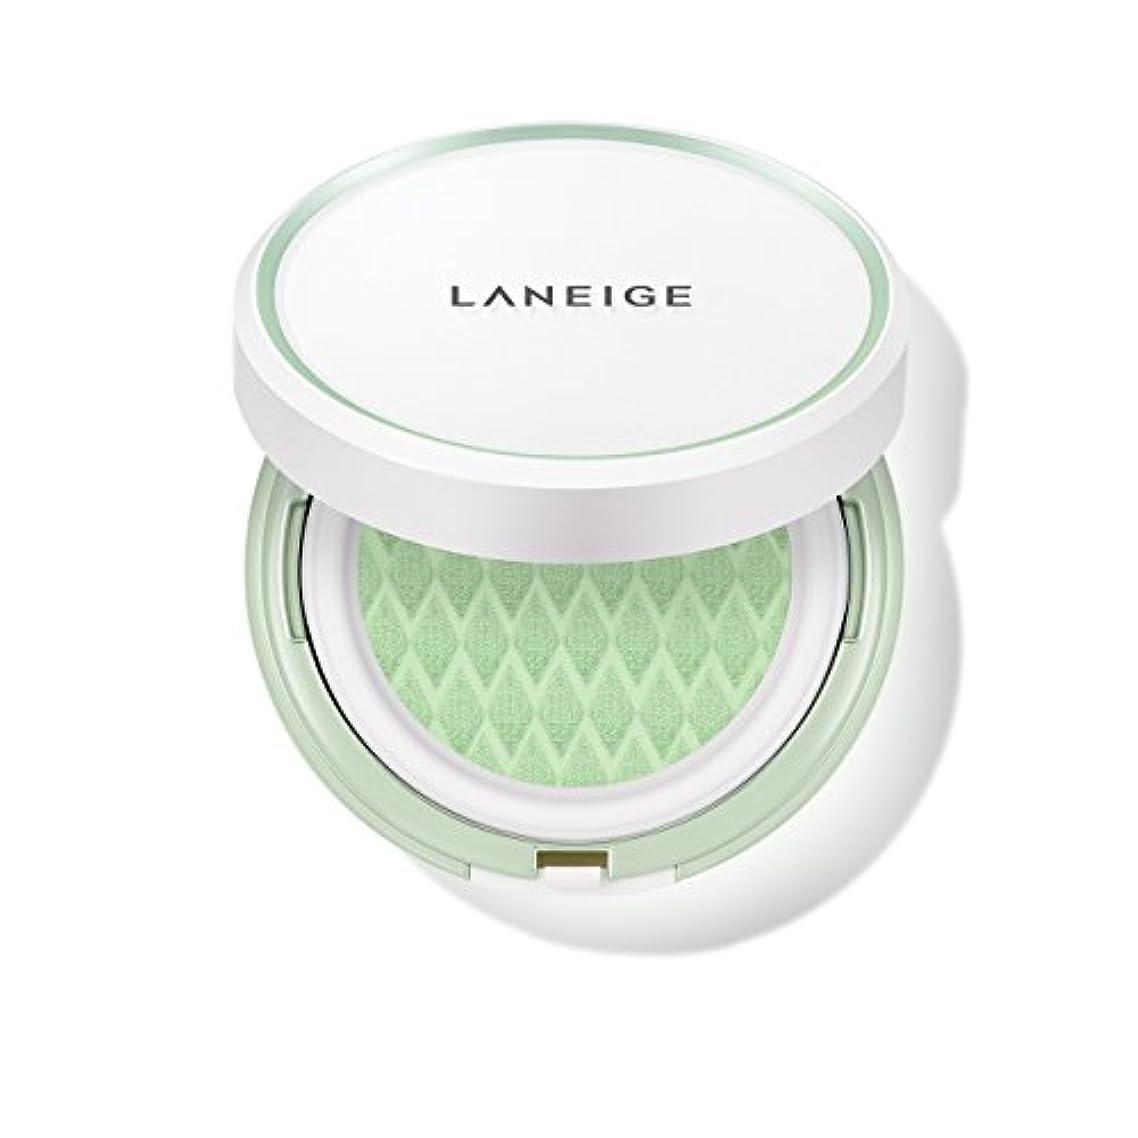 落ち着いて一部続編ラネージュ[LANEIGE]*AMOREPACIFIC*[新商品]スキンベなベースクッションSPF 22PA++(#60 Light Green) 15g*2 / LANEIGE Skin Veil Base Cushion...